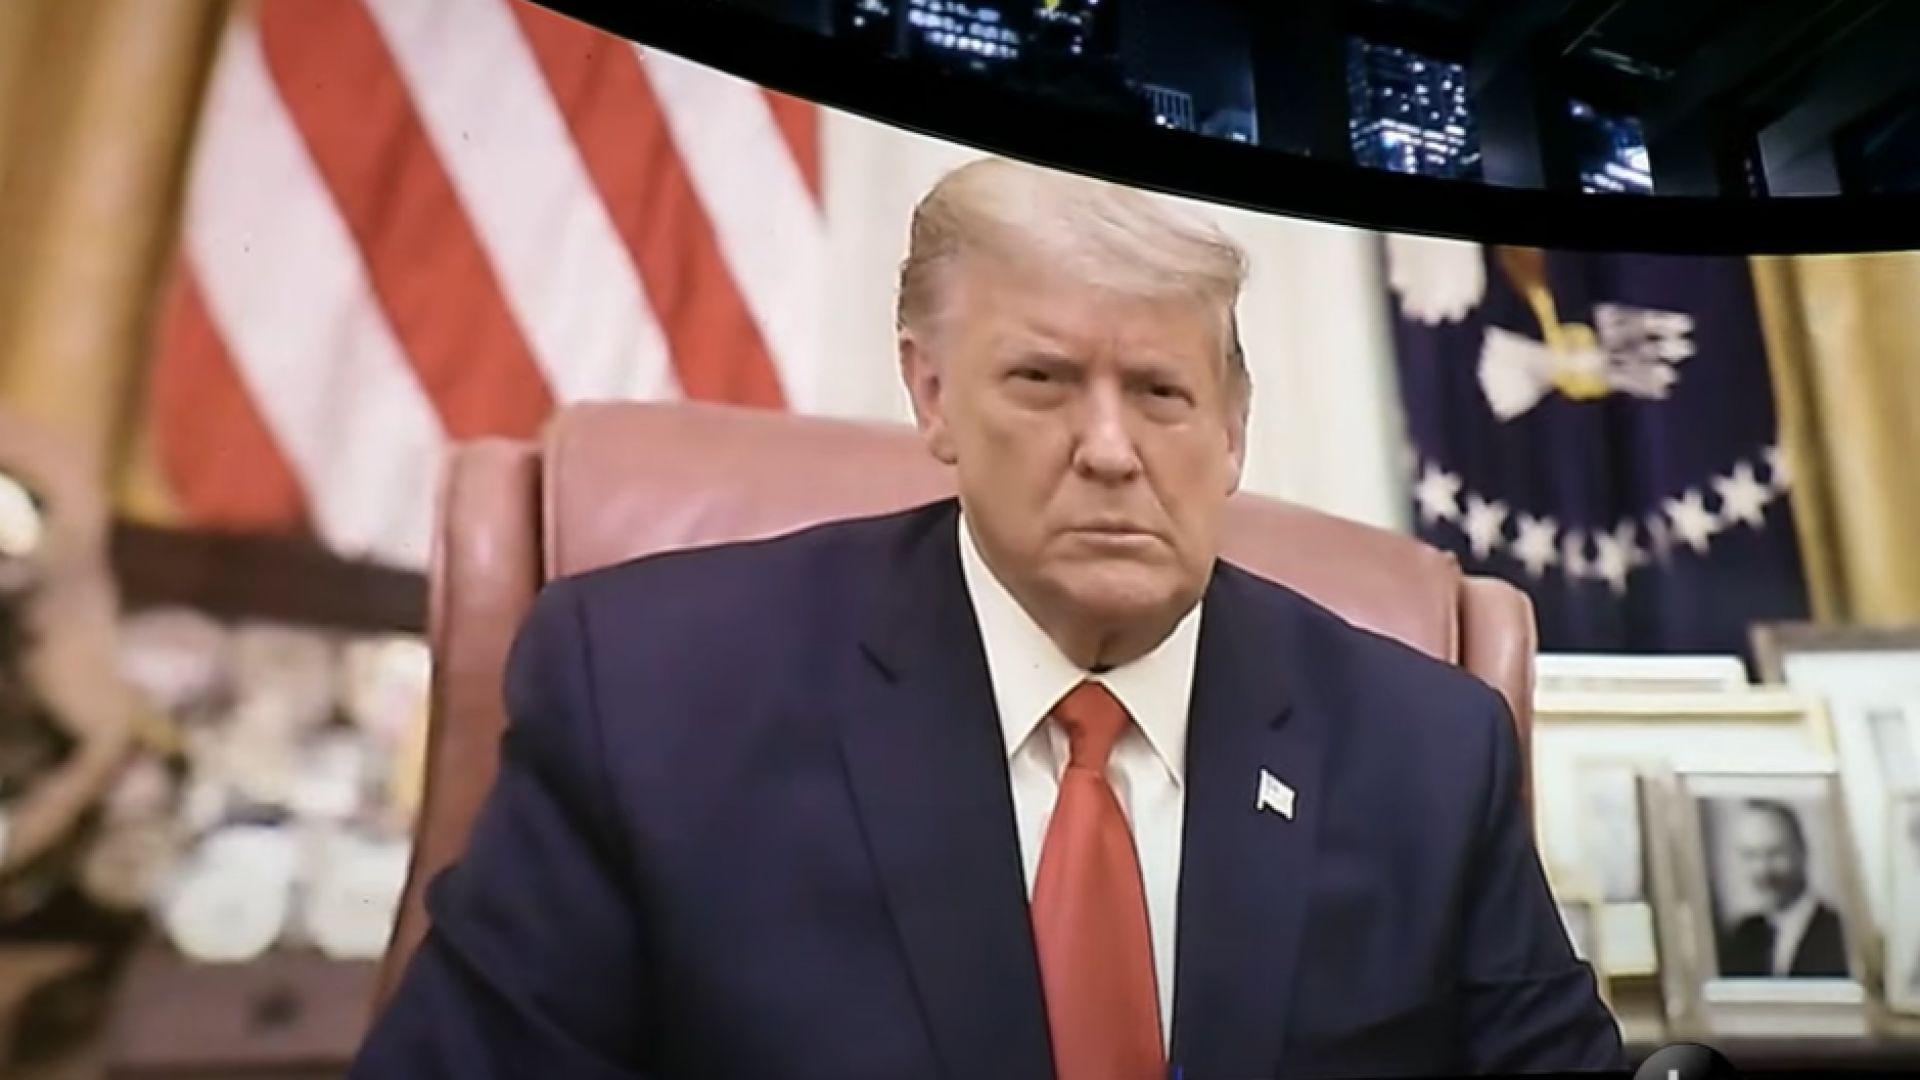 След историческото решение за втори импийчмънт Тръмп говори, но не го спомена (видео)